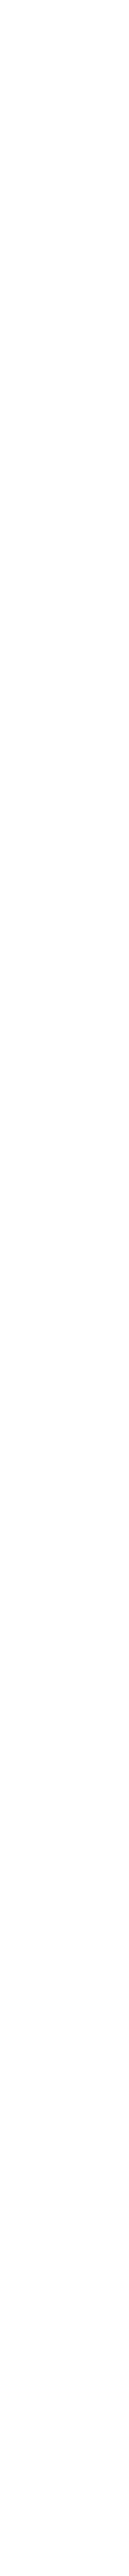 AC.obj Télécharger fichier OBJ gratuit Micro chaîne à anneaux • Objet pour imprimante 3D, Alakazam